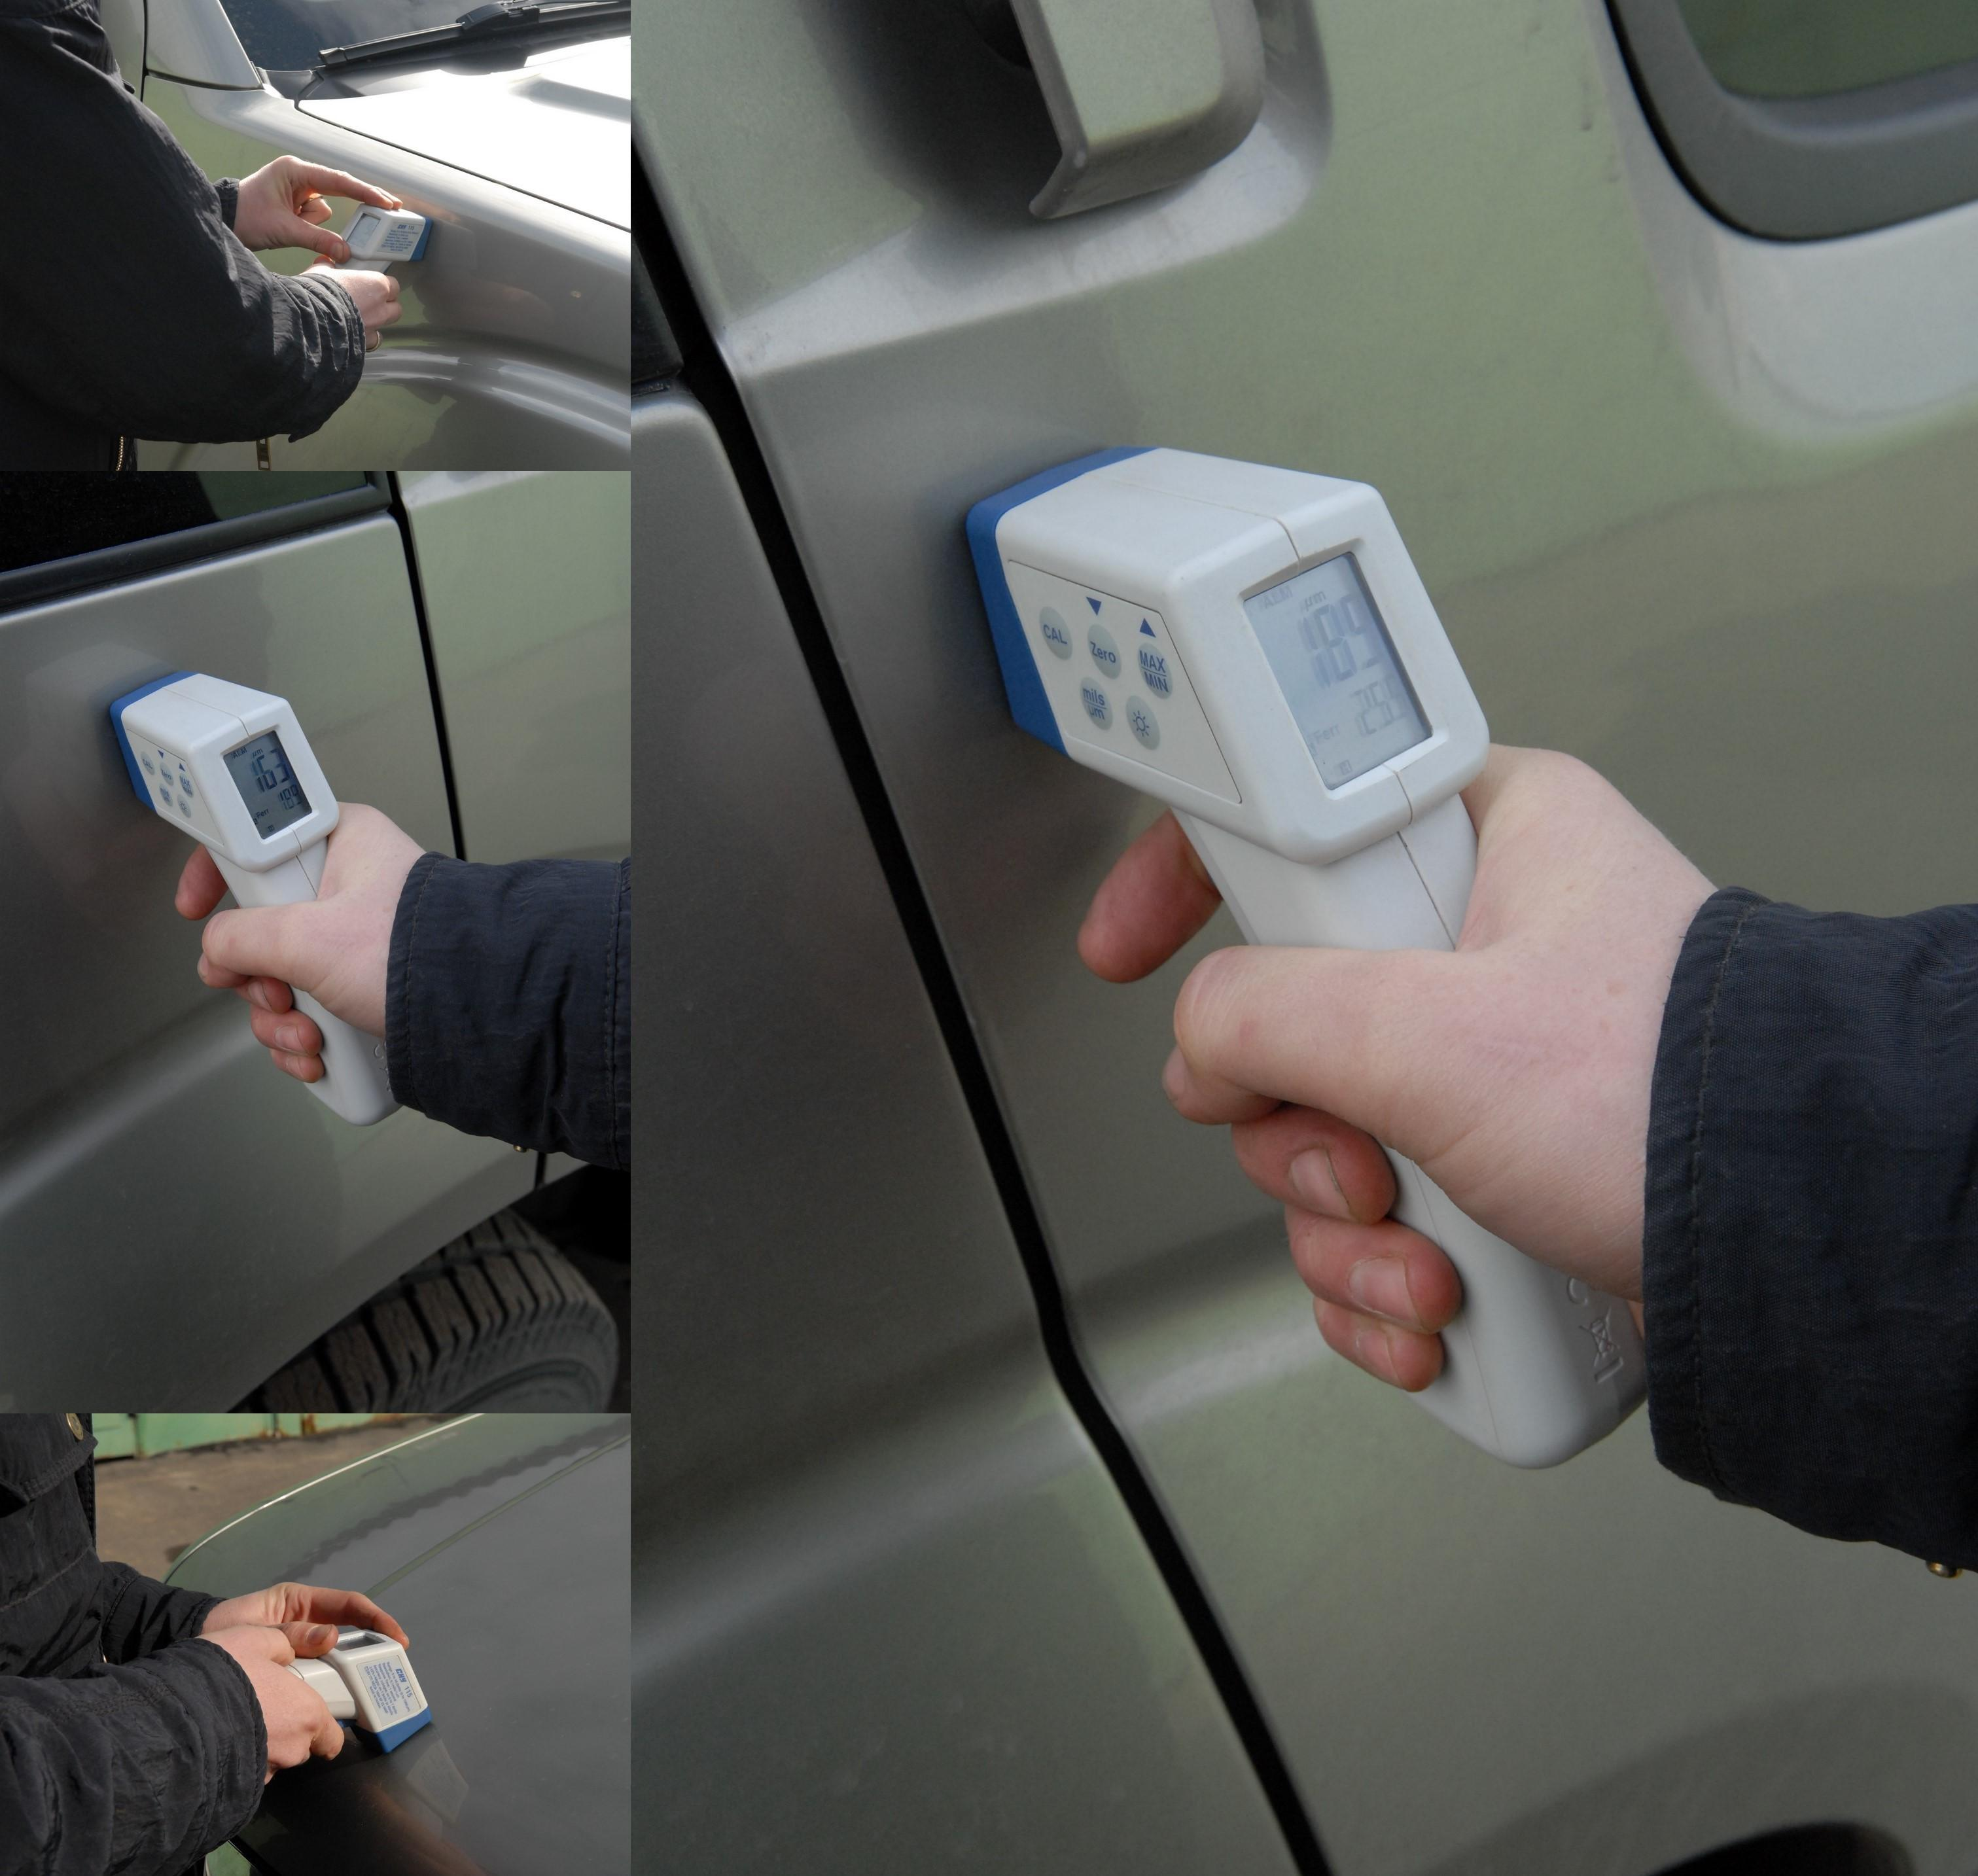 проверка автомобиля прибором